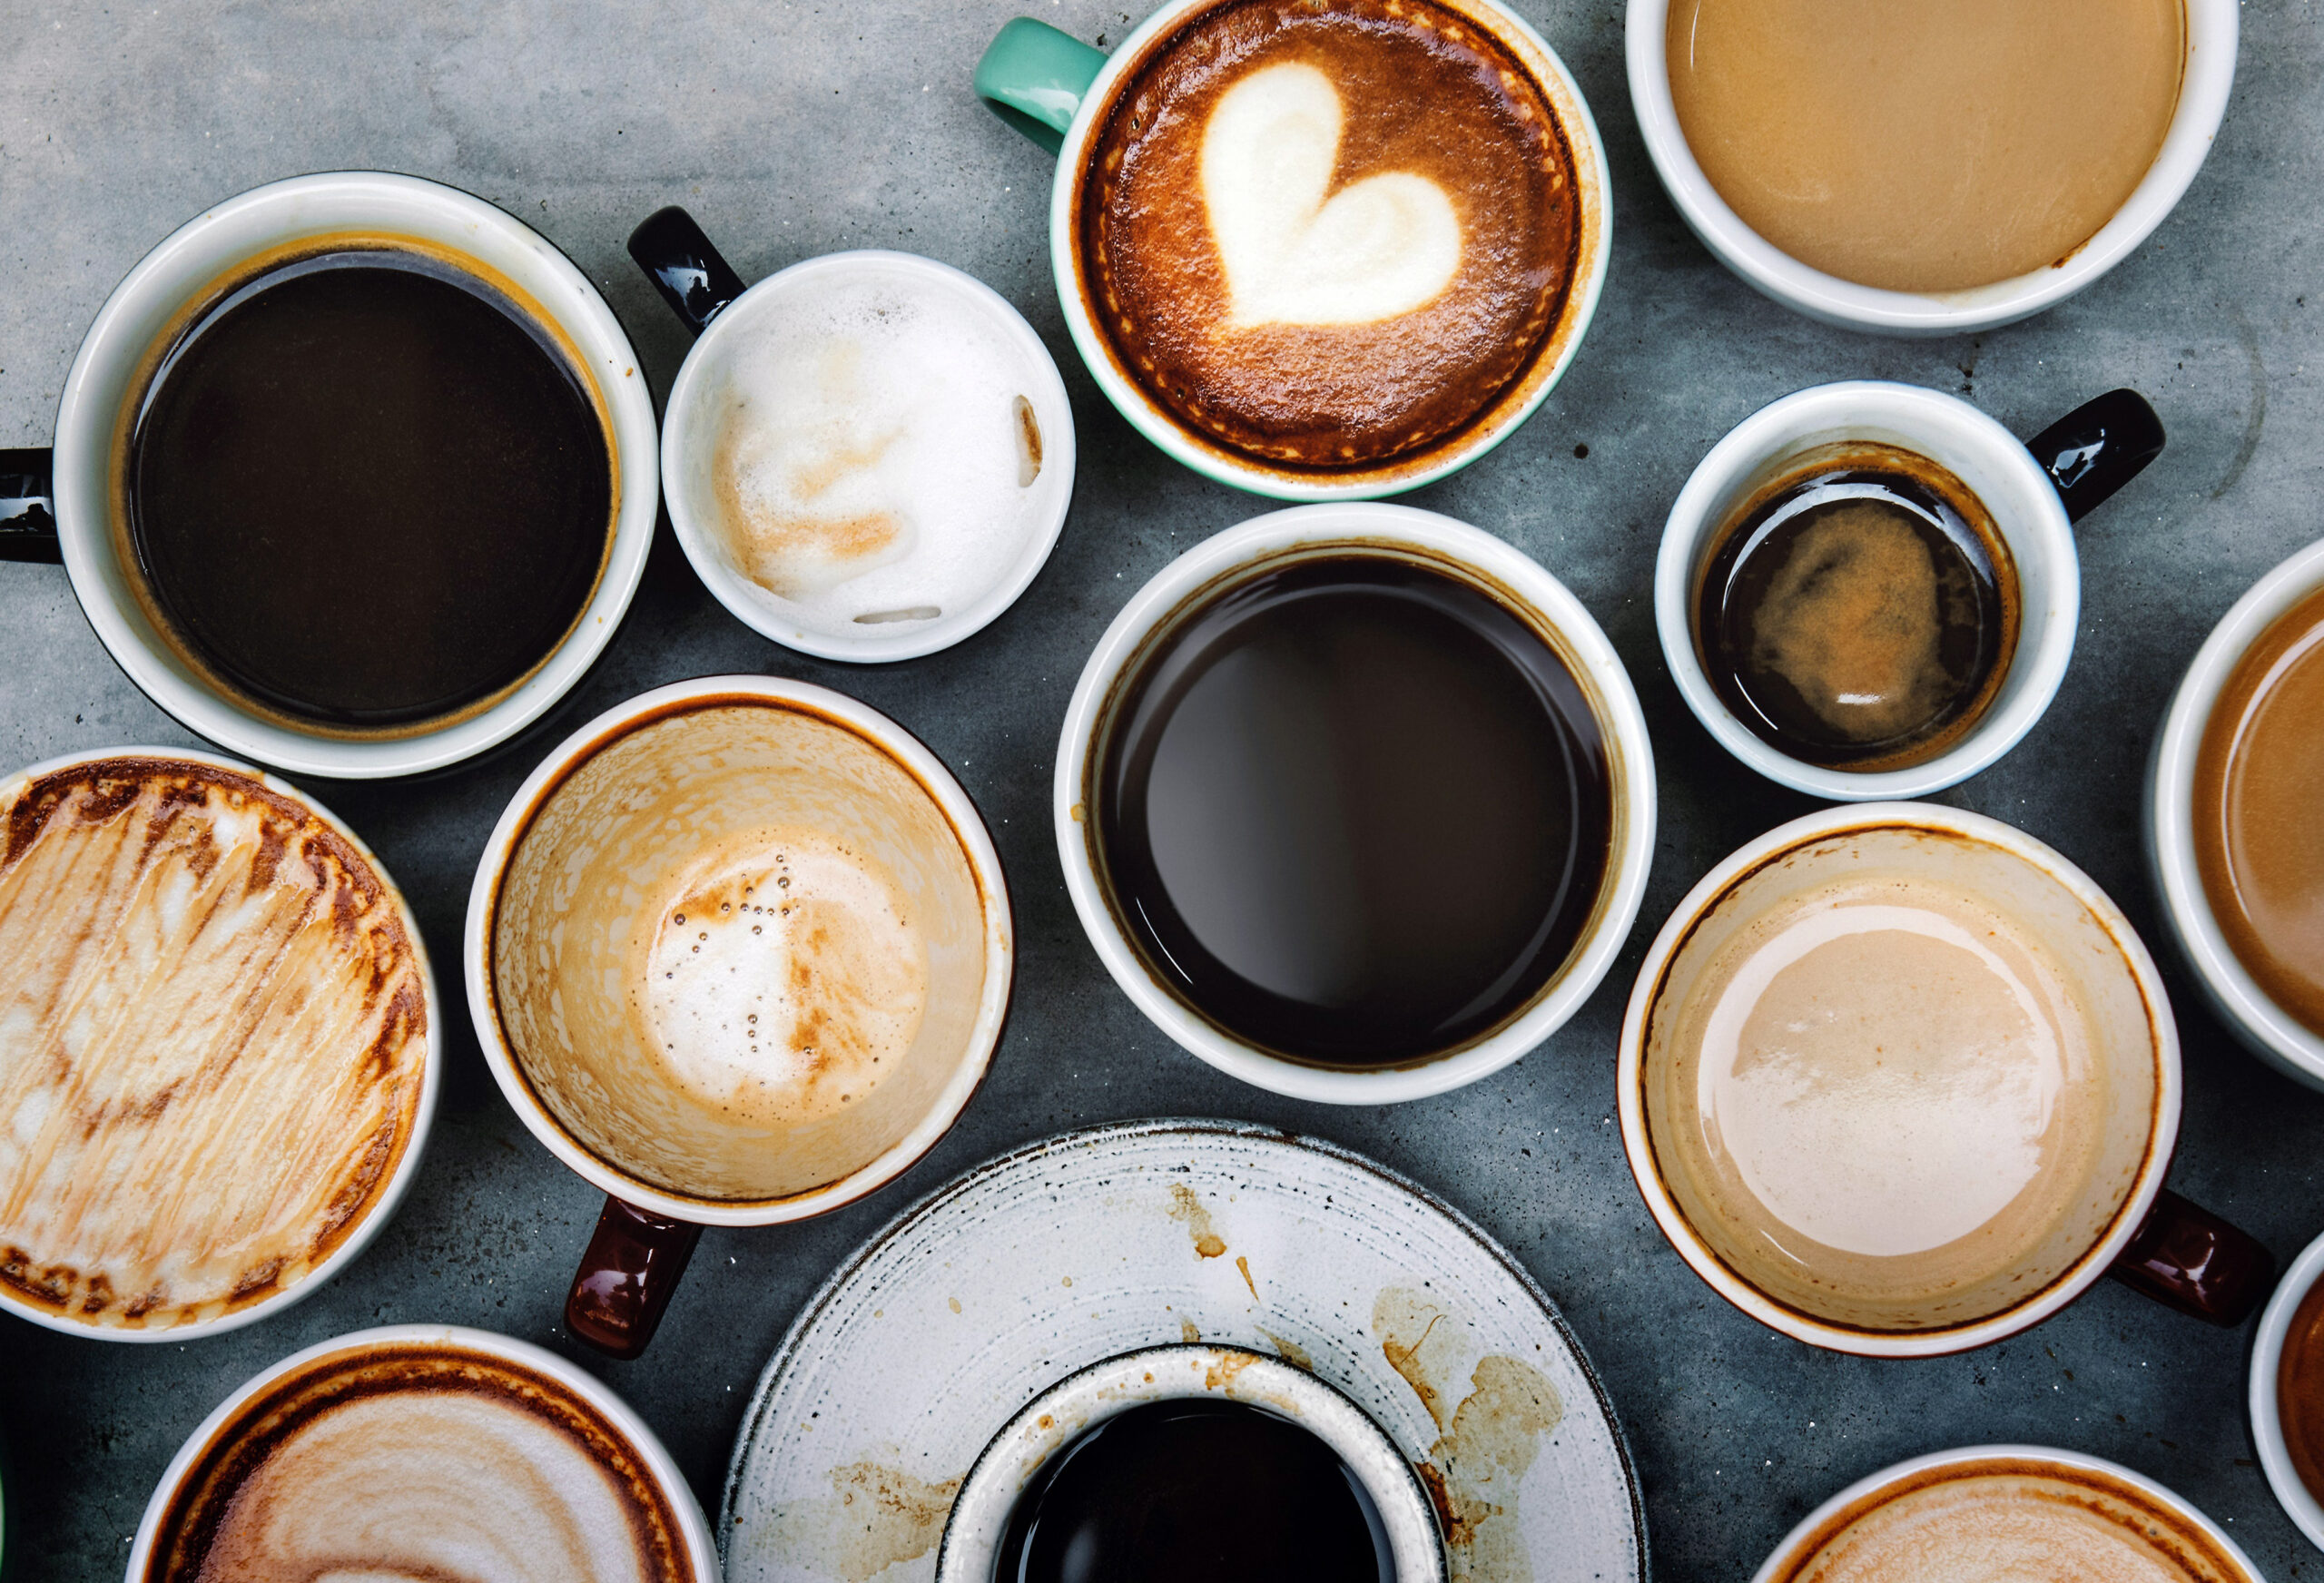 kofeino poveikis sveikatai ir kokią kavą turėtume rinktis